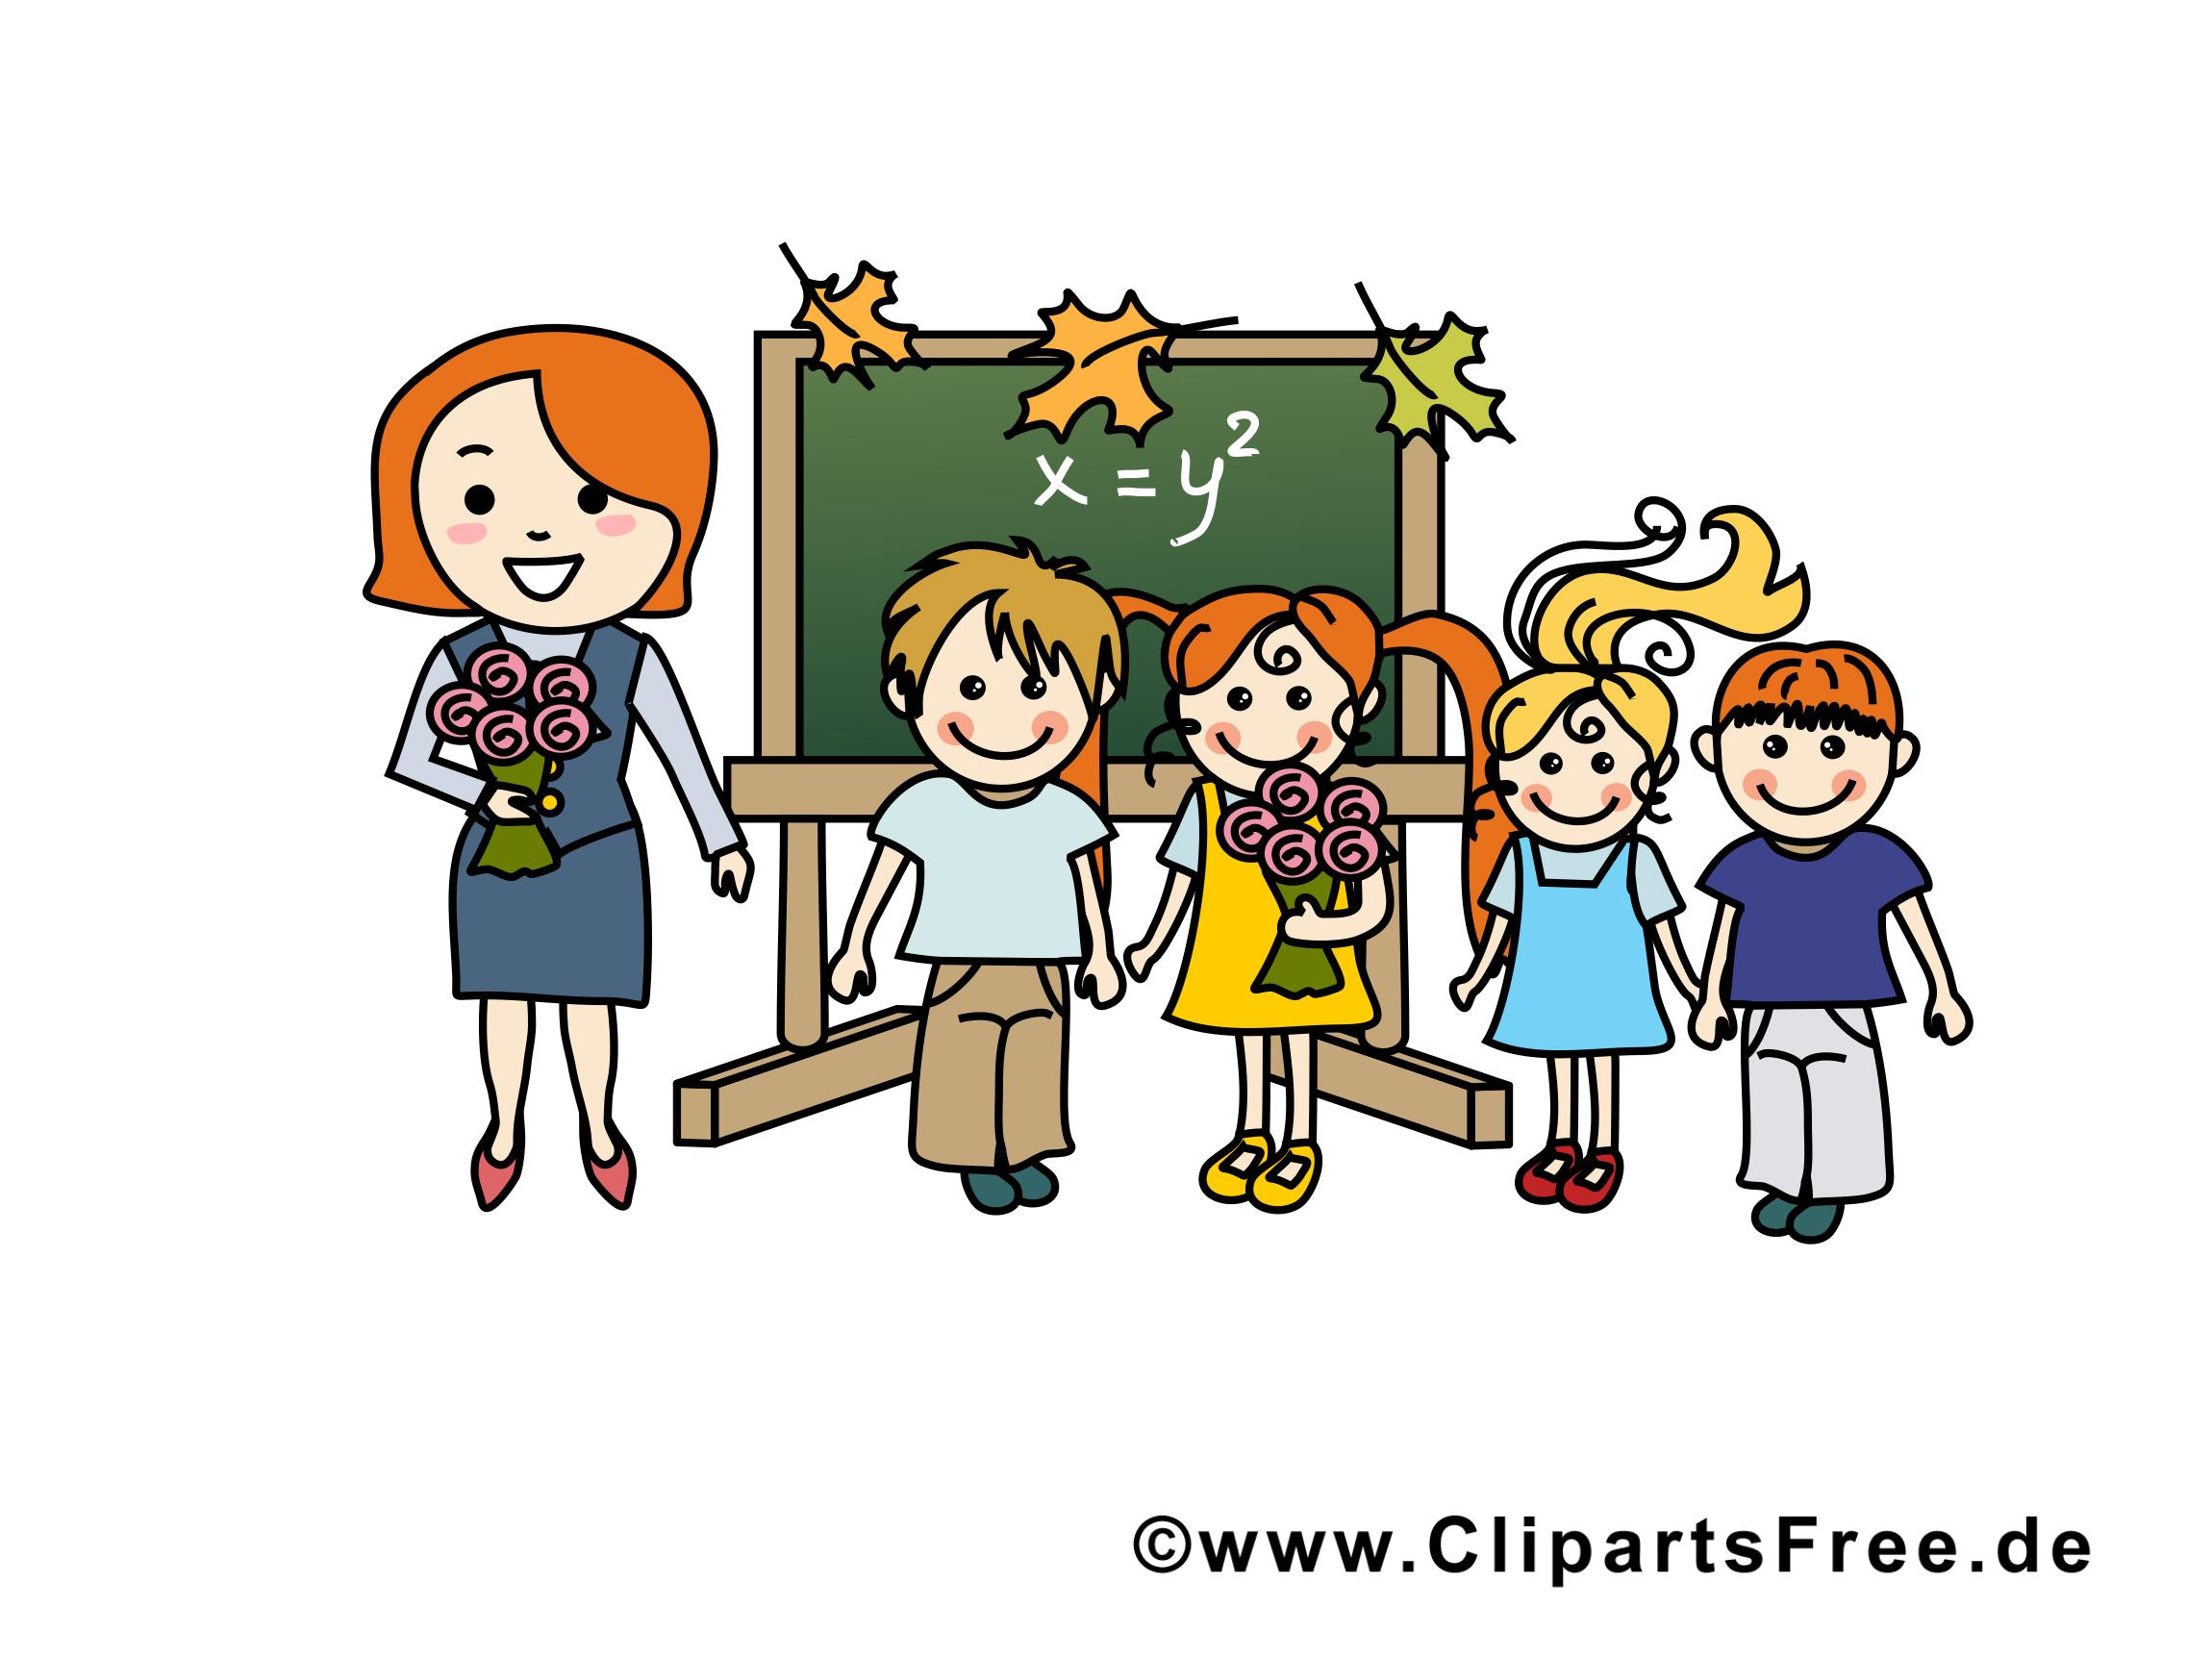 Enseignante image – École images cliparts